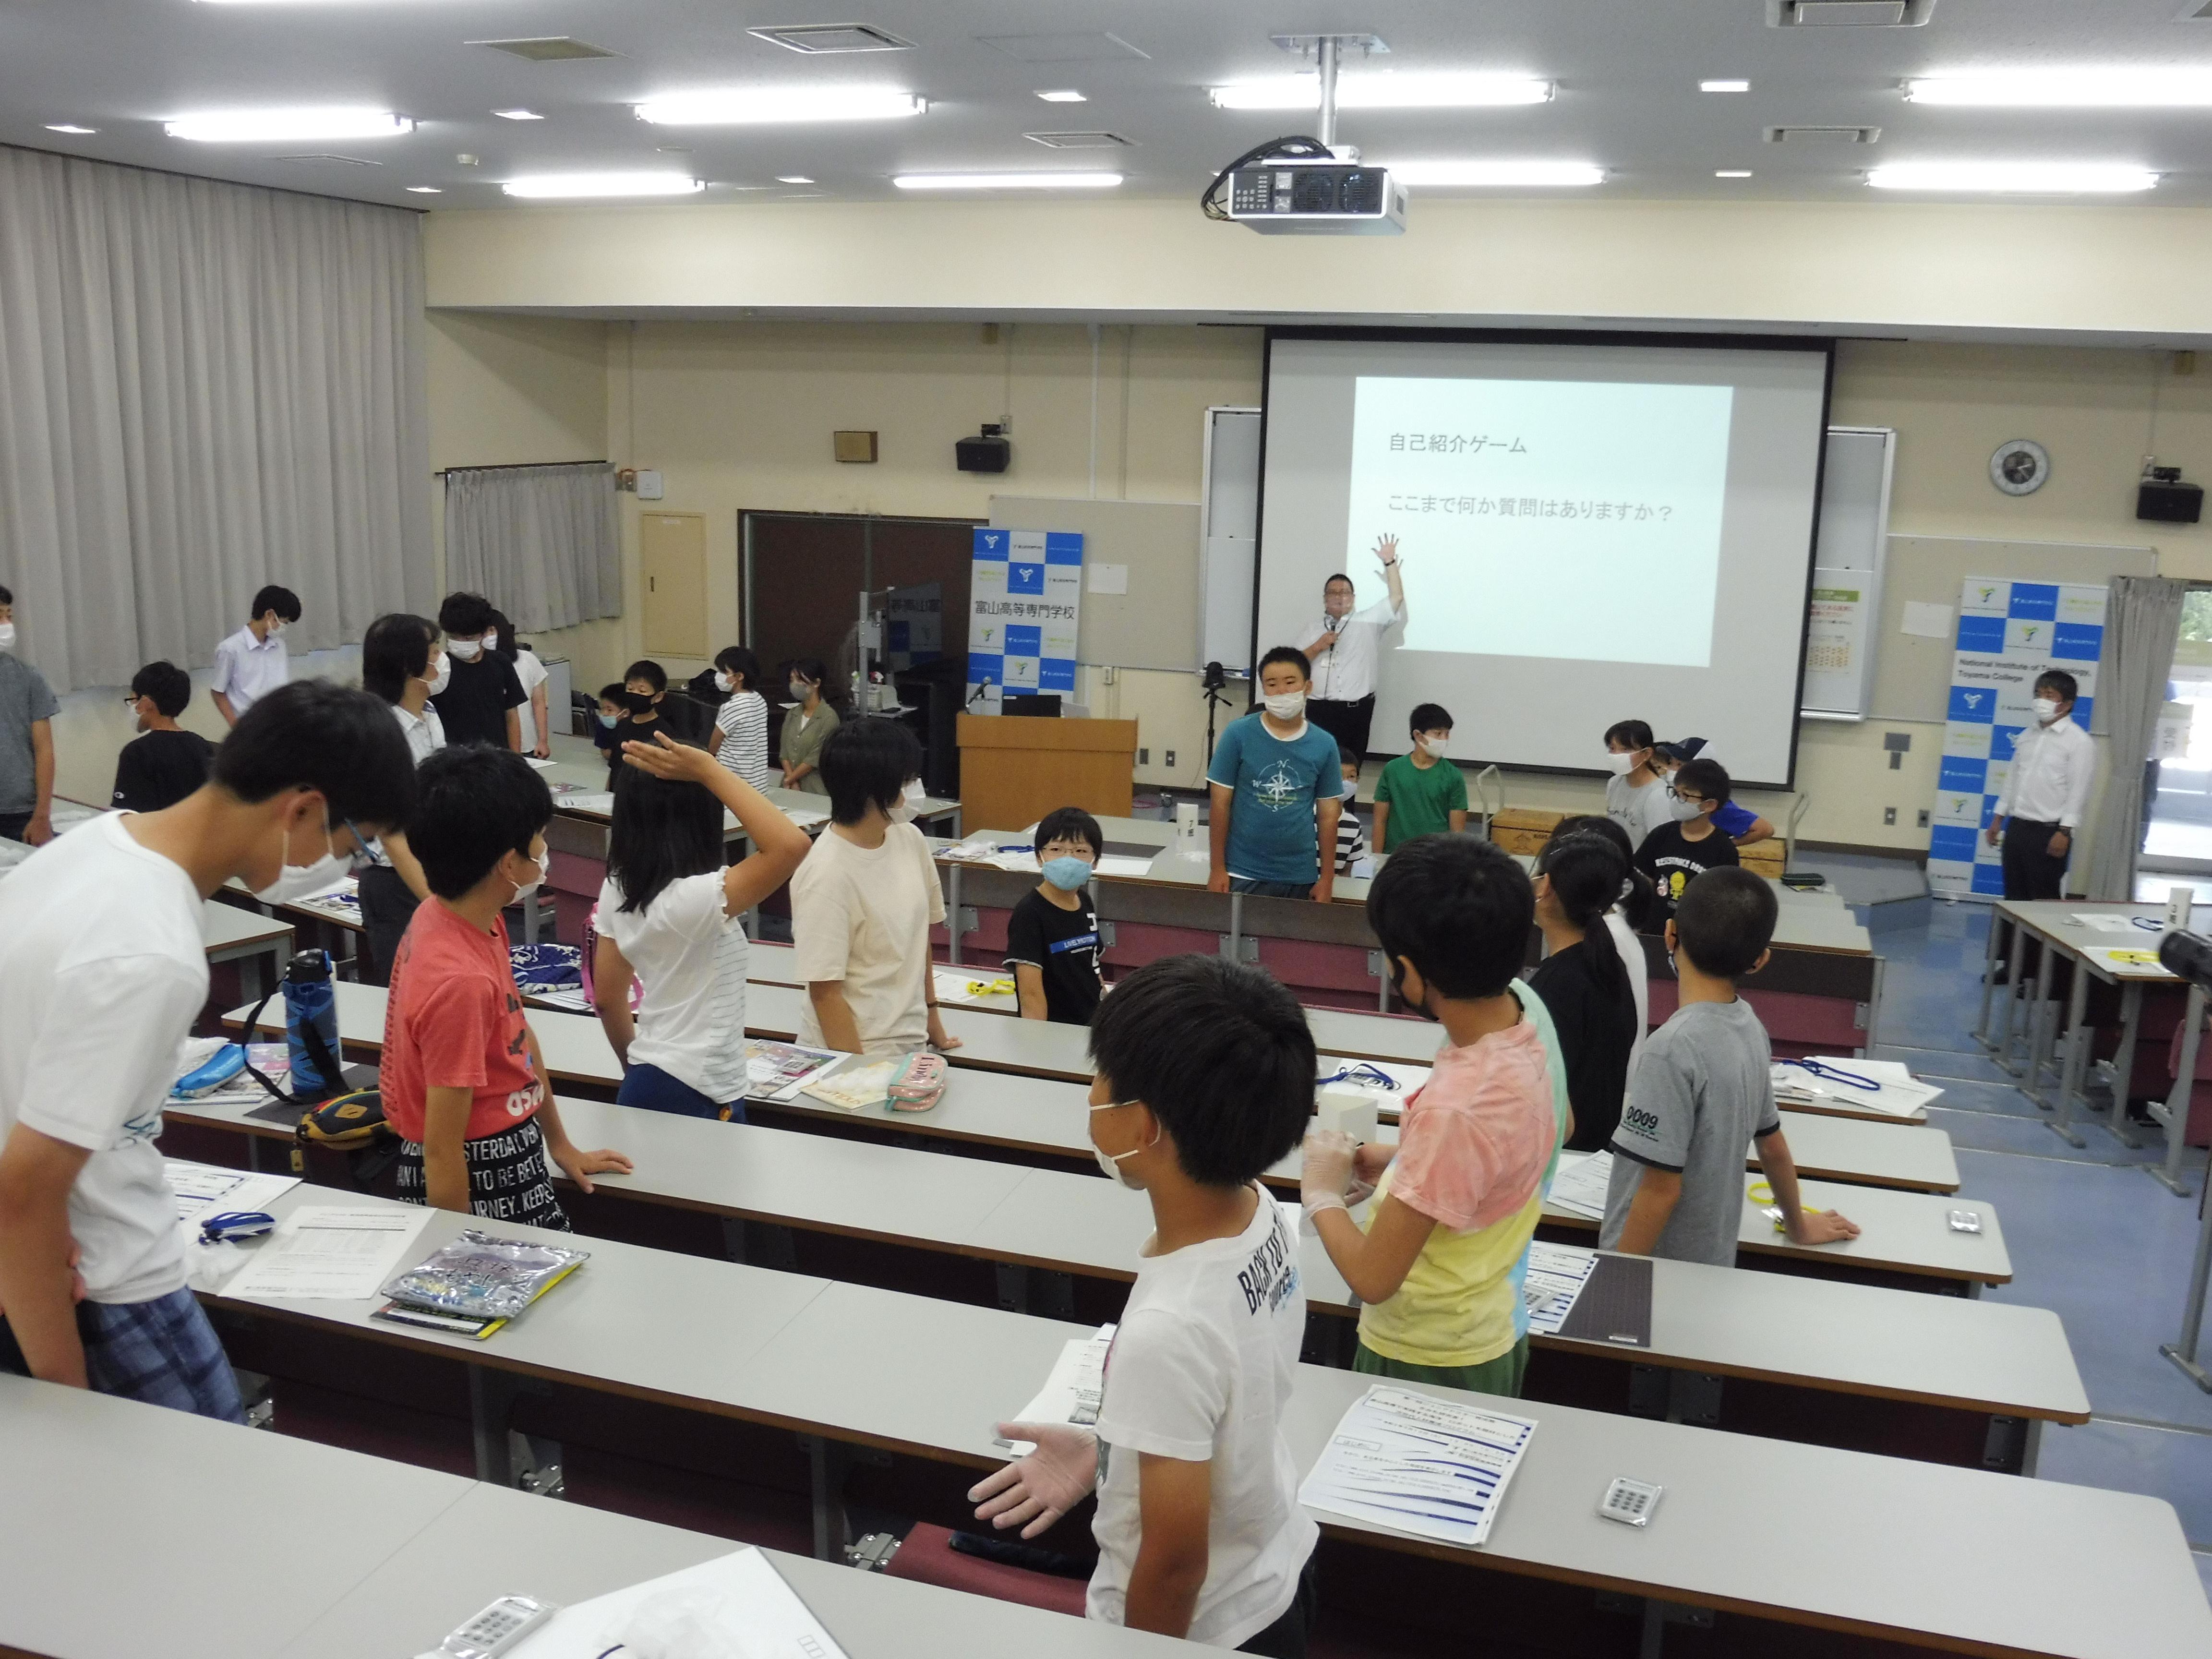 富山高専ジュニアドクター育成塾『開講式』を実施しました。